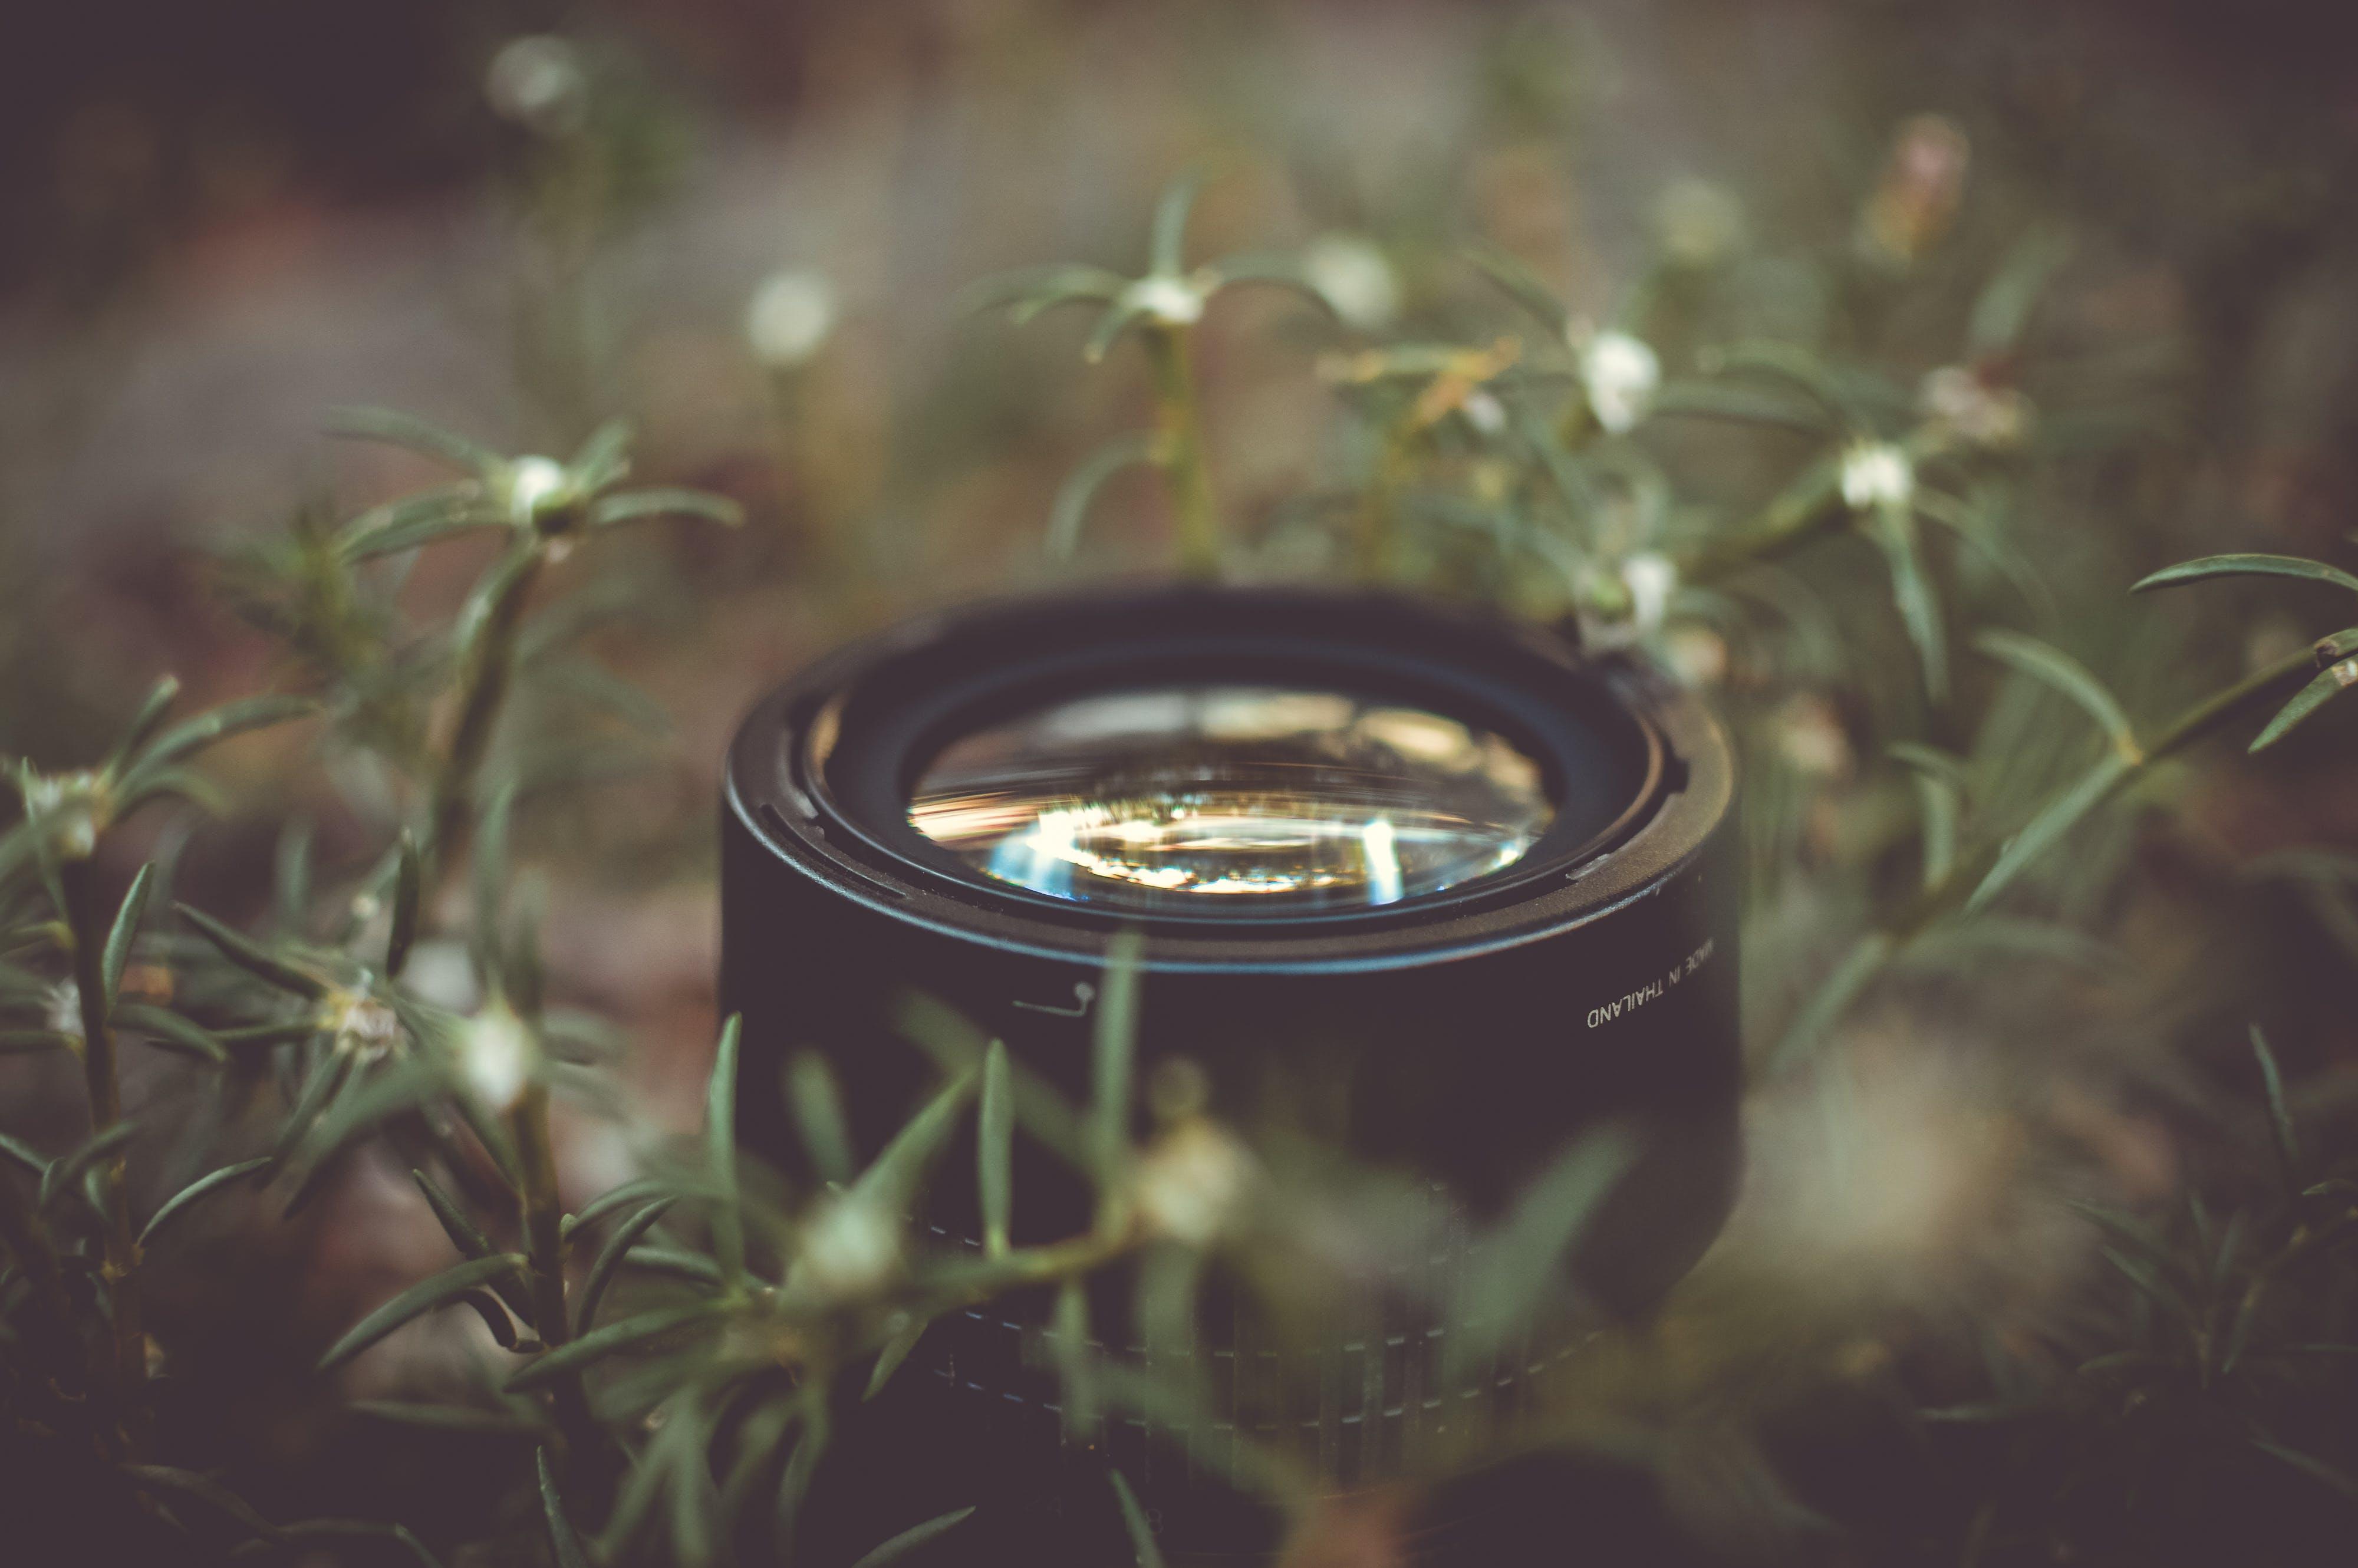 Fotos de stock gratuitas de cámara, equipo fotográfico, lente, objetivo fotográfico